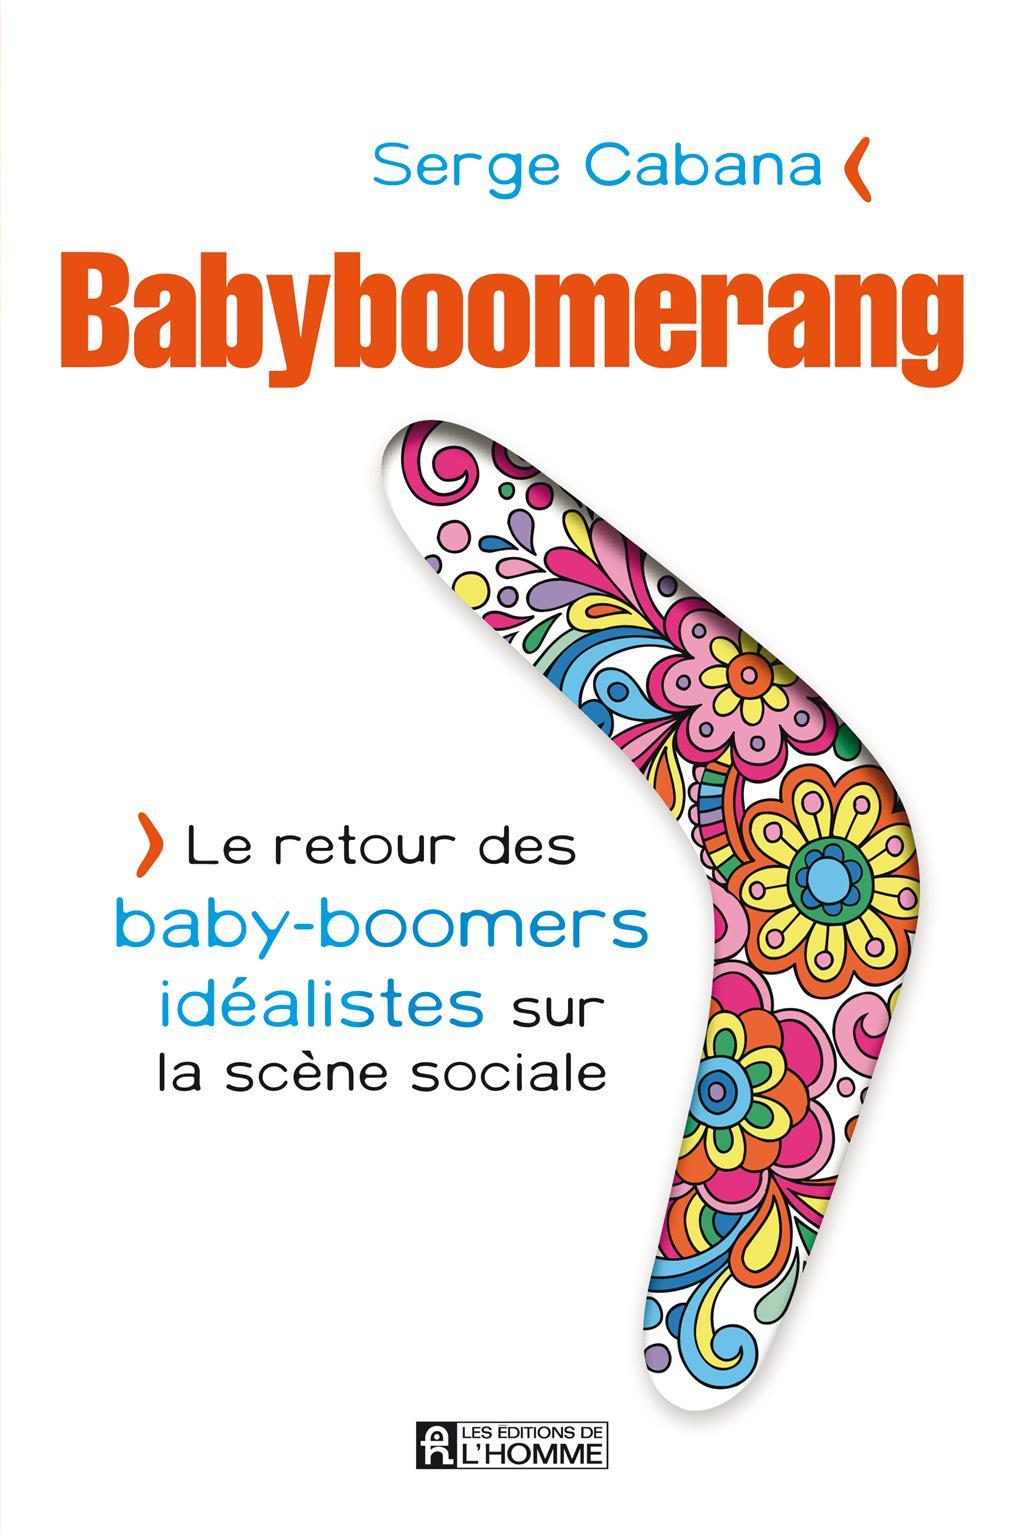 Babyboomerang